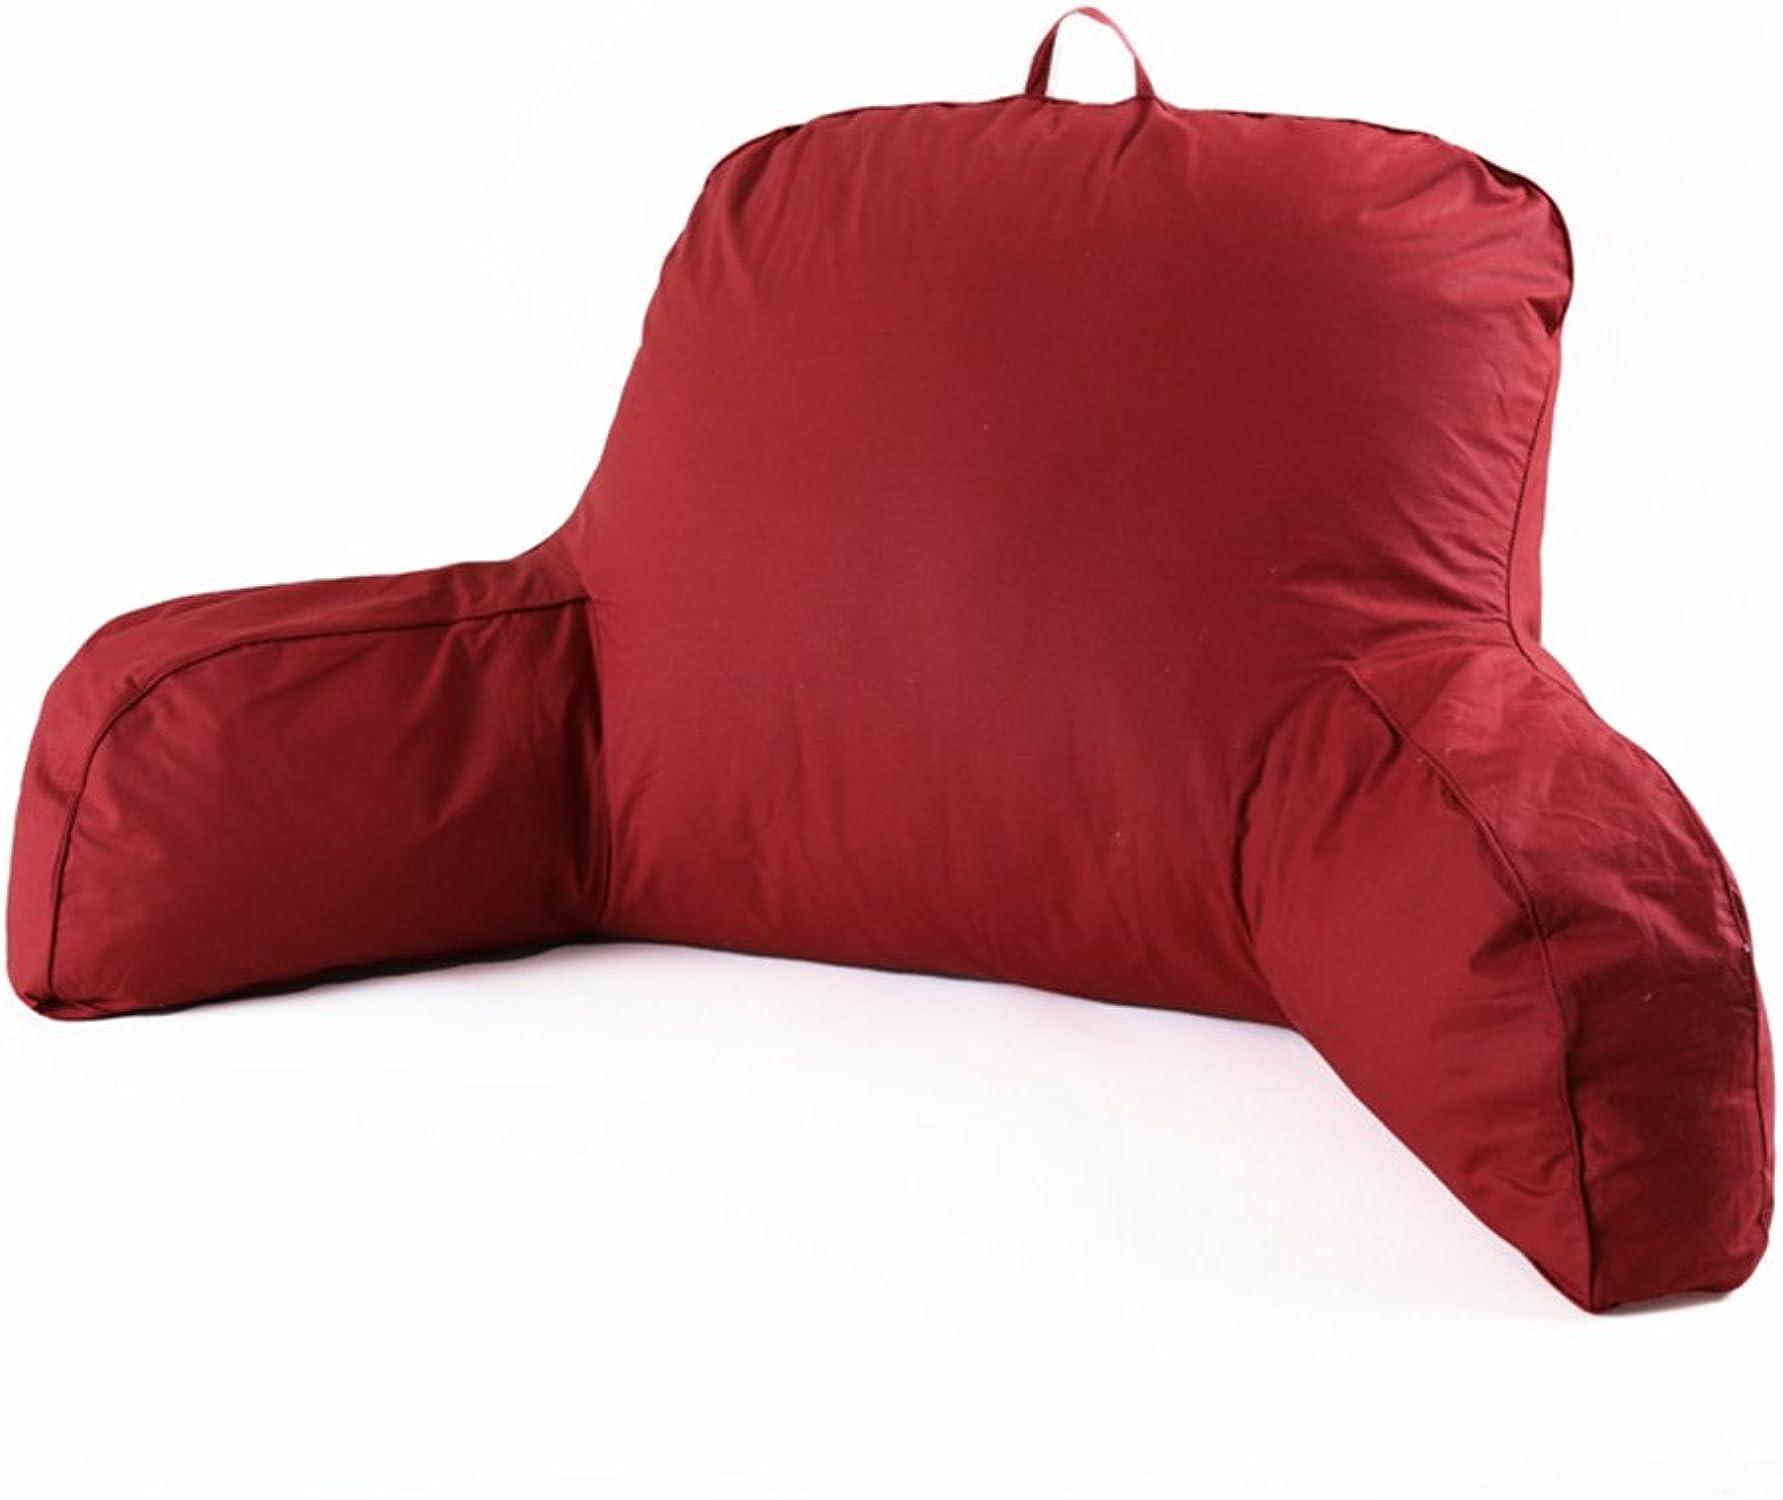 MIAOLIDP Coton Coussin De Taille Canapé-Lit Appui-Tête Dossier Pad Coussin De Taille Chaise De Bureau Lumbar (Couleur   B)